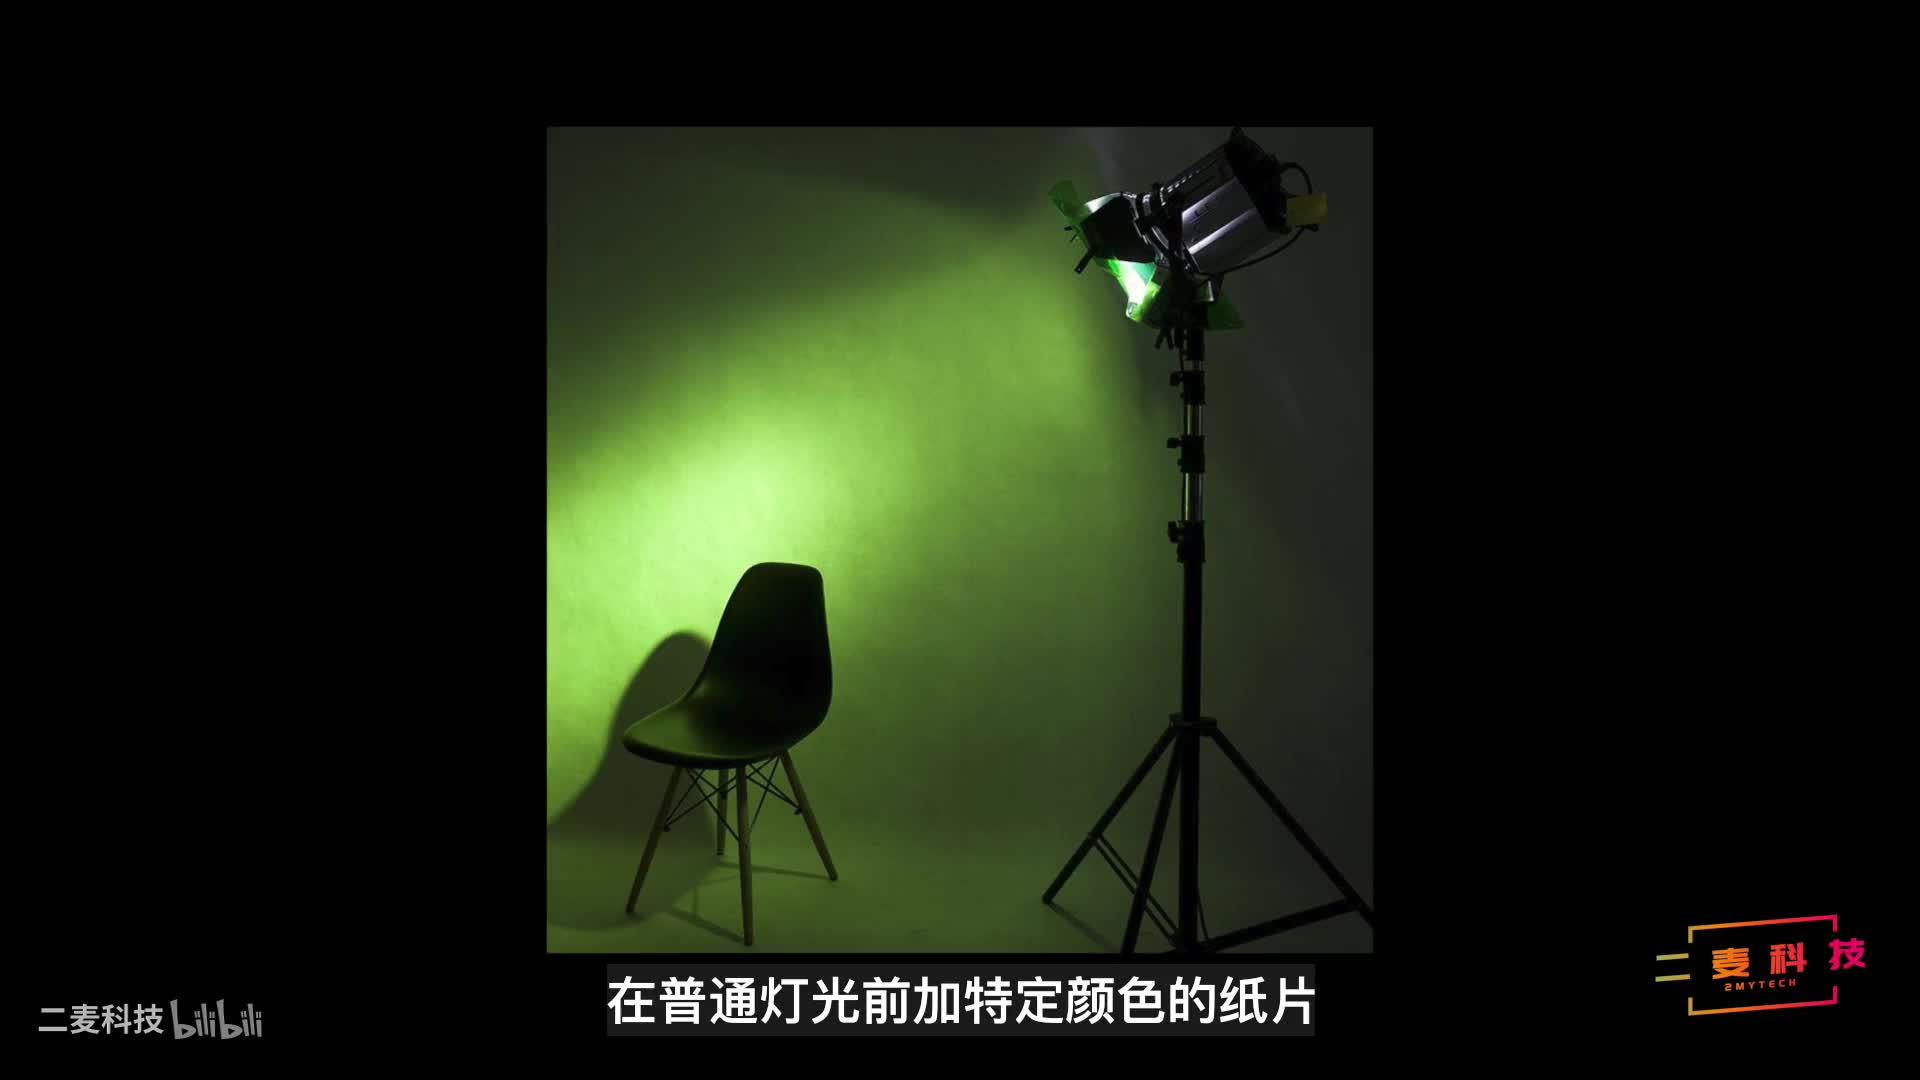 普通照片立刻有大片感,用手机制作红蓝灯光效果,必备修图技能